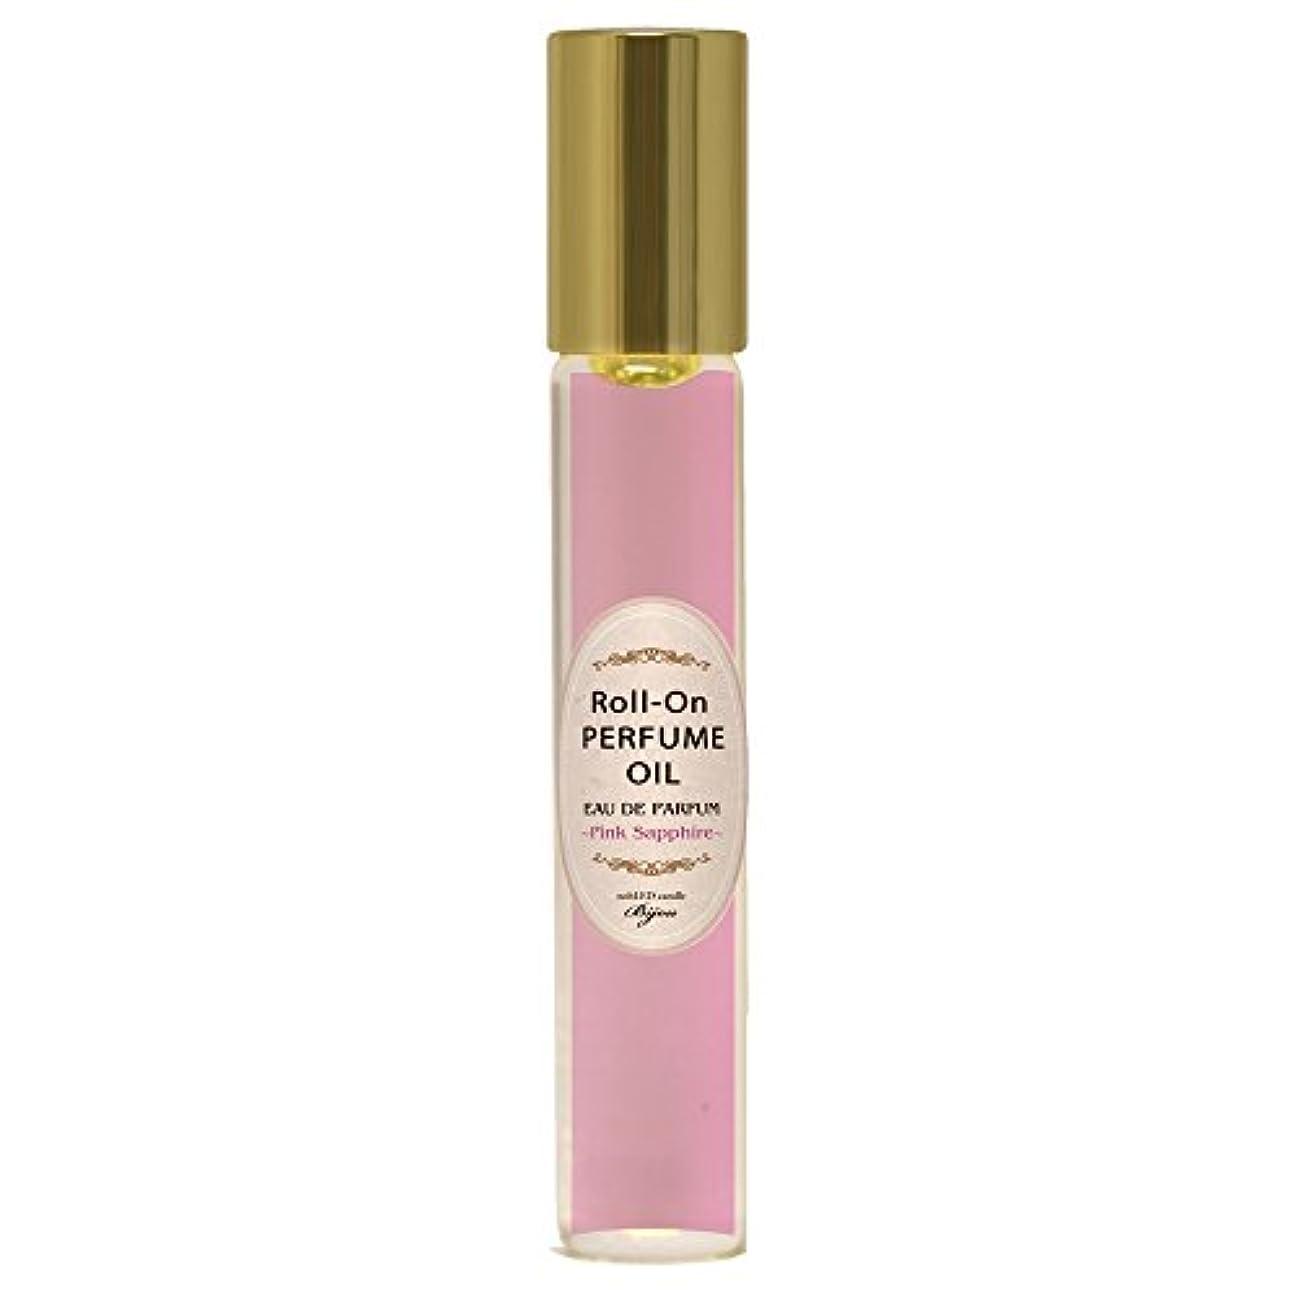 農民彼感謝するnobLED candle Bijou ロールオンパフュームオイル ピンクサファイア Pink Sapphire Roll-On PERFUME OIL ノーブレッド キャンドル ビジュー